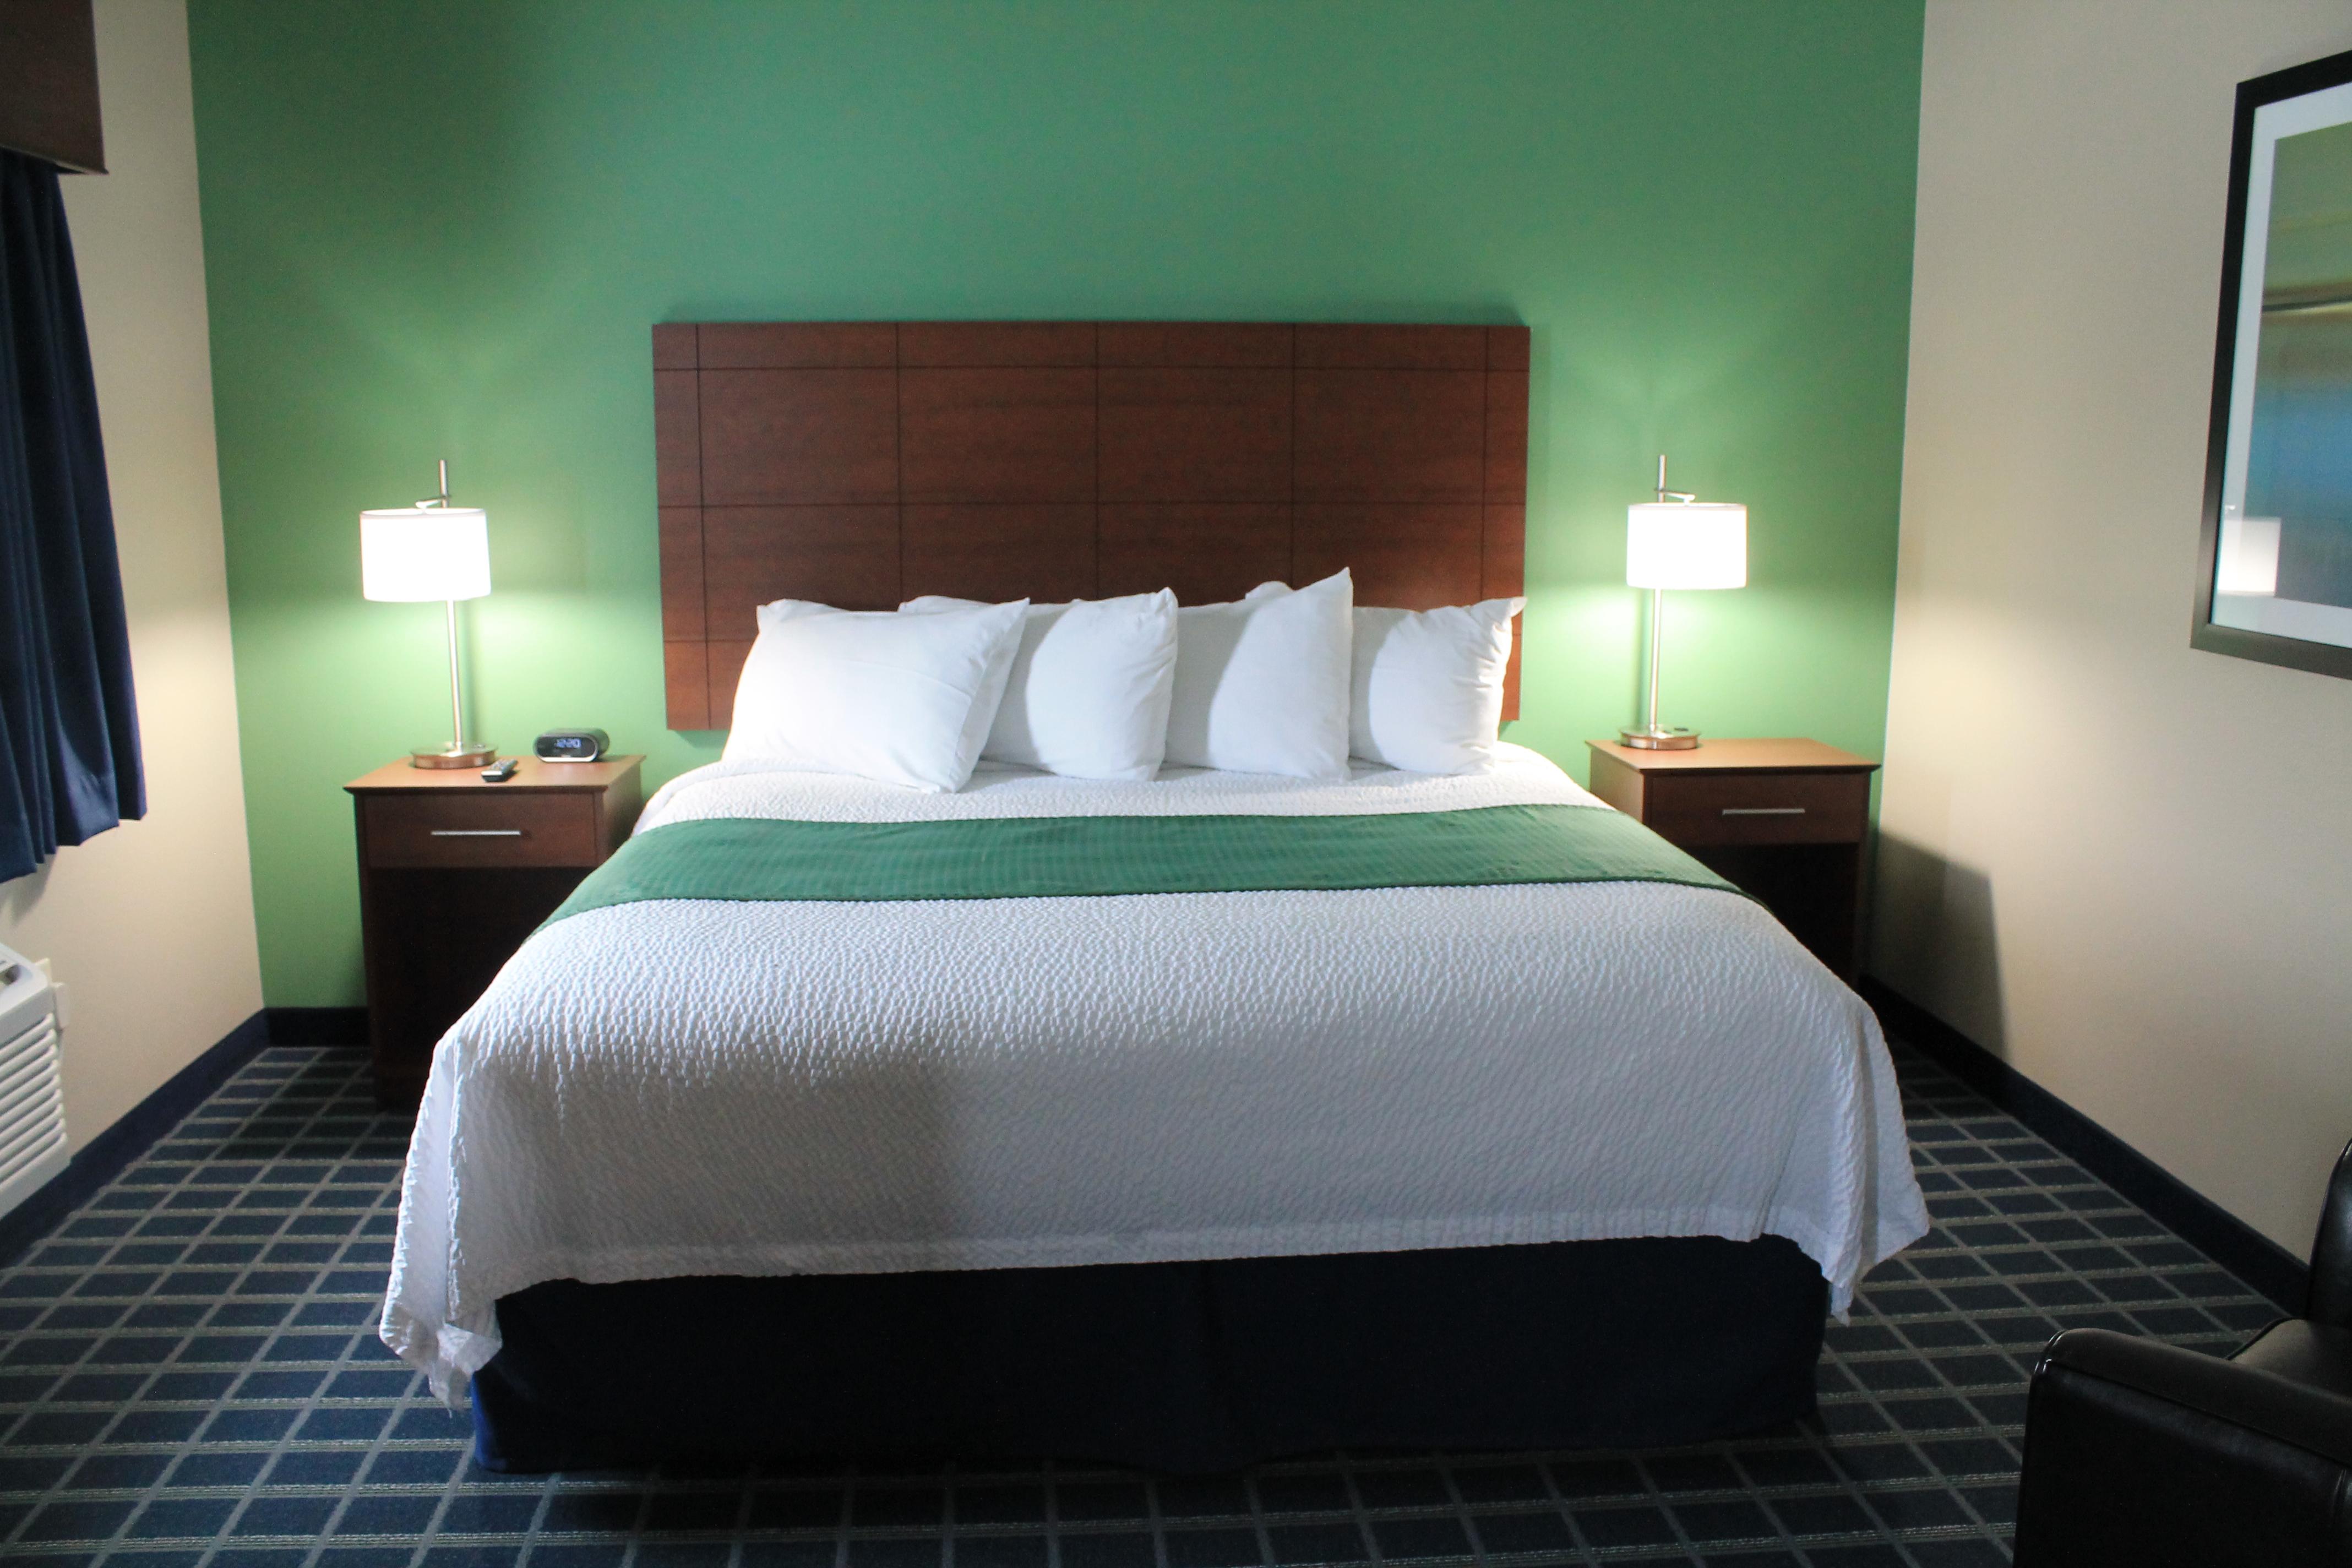 Brookstone Lodge & Suites image 6